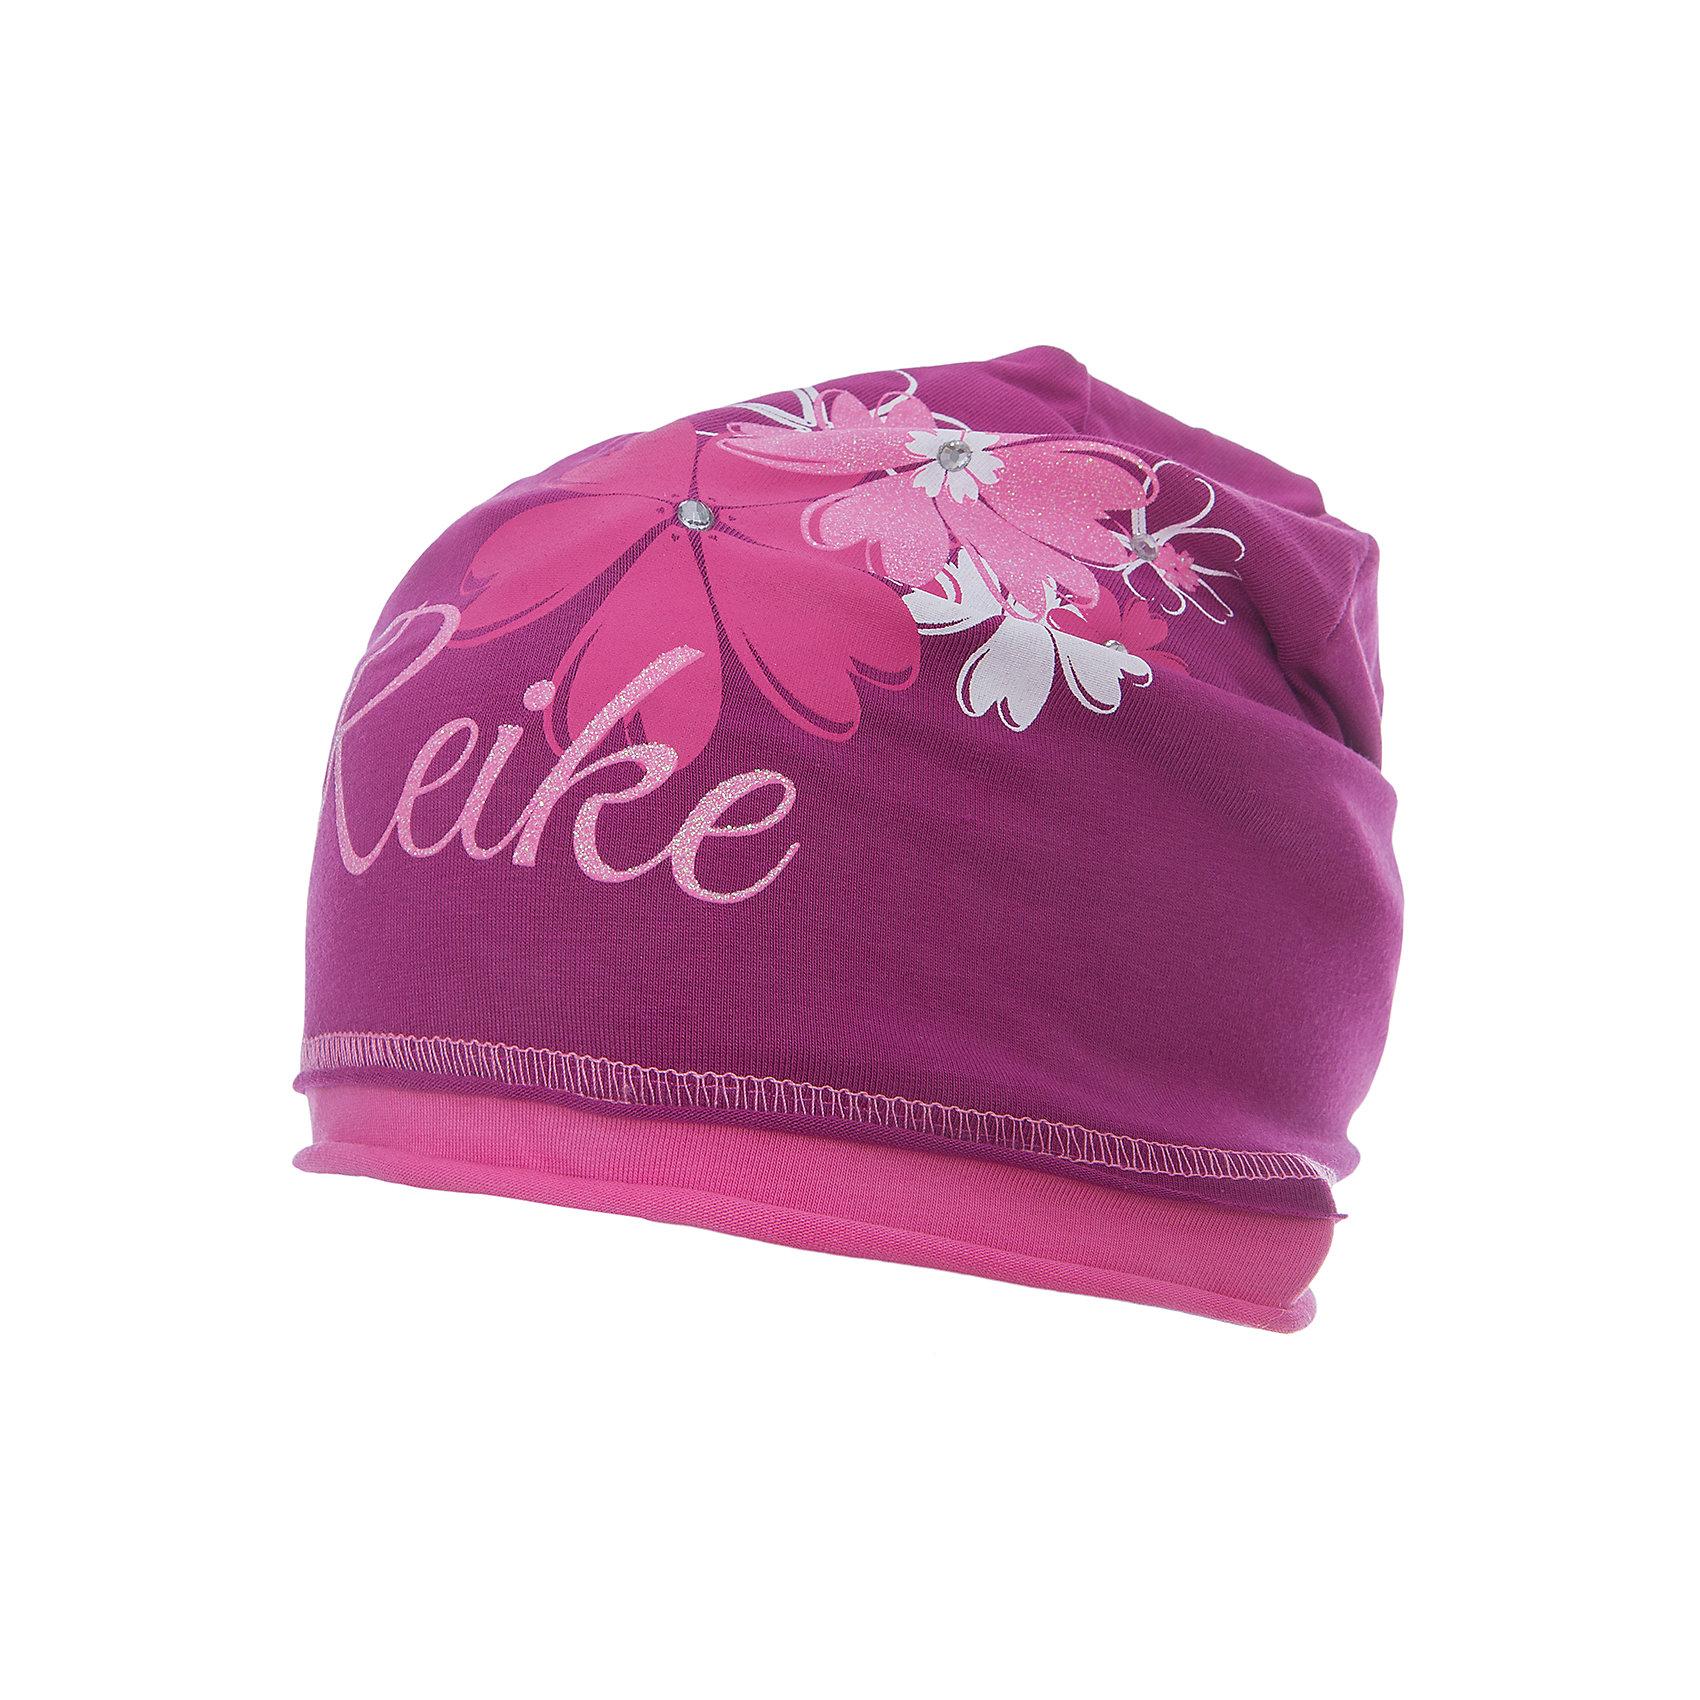 Шапка Reike для девочкиШапки и шарфы<br>Характеристики товара:<br><br>• цвет: бордовый<br>• состав: 97% хлопок, 3% полиуретан<br>• декорирована принтом и стразами<br>• мягкий материал<br>• страна бренда: Финляндия<br><br>Новая коллекция от известного финского производителя Reike отличается ярким дизайном, продуманностью и комфортом! Эта модель разработана специально для детей - она учитывает особенности их физиологии, а также новые тенденции в европейской моде. Она отлично сочетается с обувью разных цветов и фасонов. Стильная и удобная вещь!<br><br>Шапку для девочки от популярного бренда Reike можно купить в нашем интернет-магазине.<br><br>Ширина мм: 89<br>Глубина мм: 117<br>Высота мм: 44<br>Вес г: 155<br>Цвет: бордовый<br>Возраст от месяцев: 0<br>Возраст до месяцев: 3<br>Пол: Женский<br>Возраст: Детский<br>Размер: 56,52,54<br>SKU: 5430124